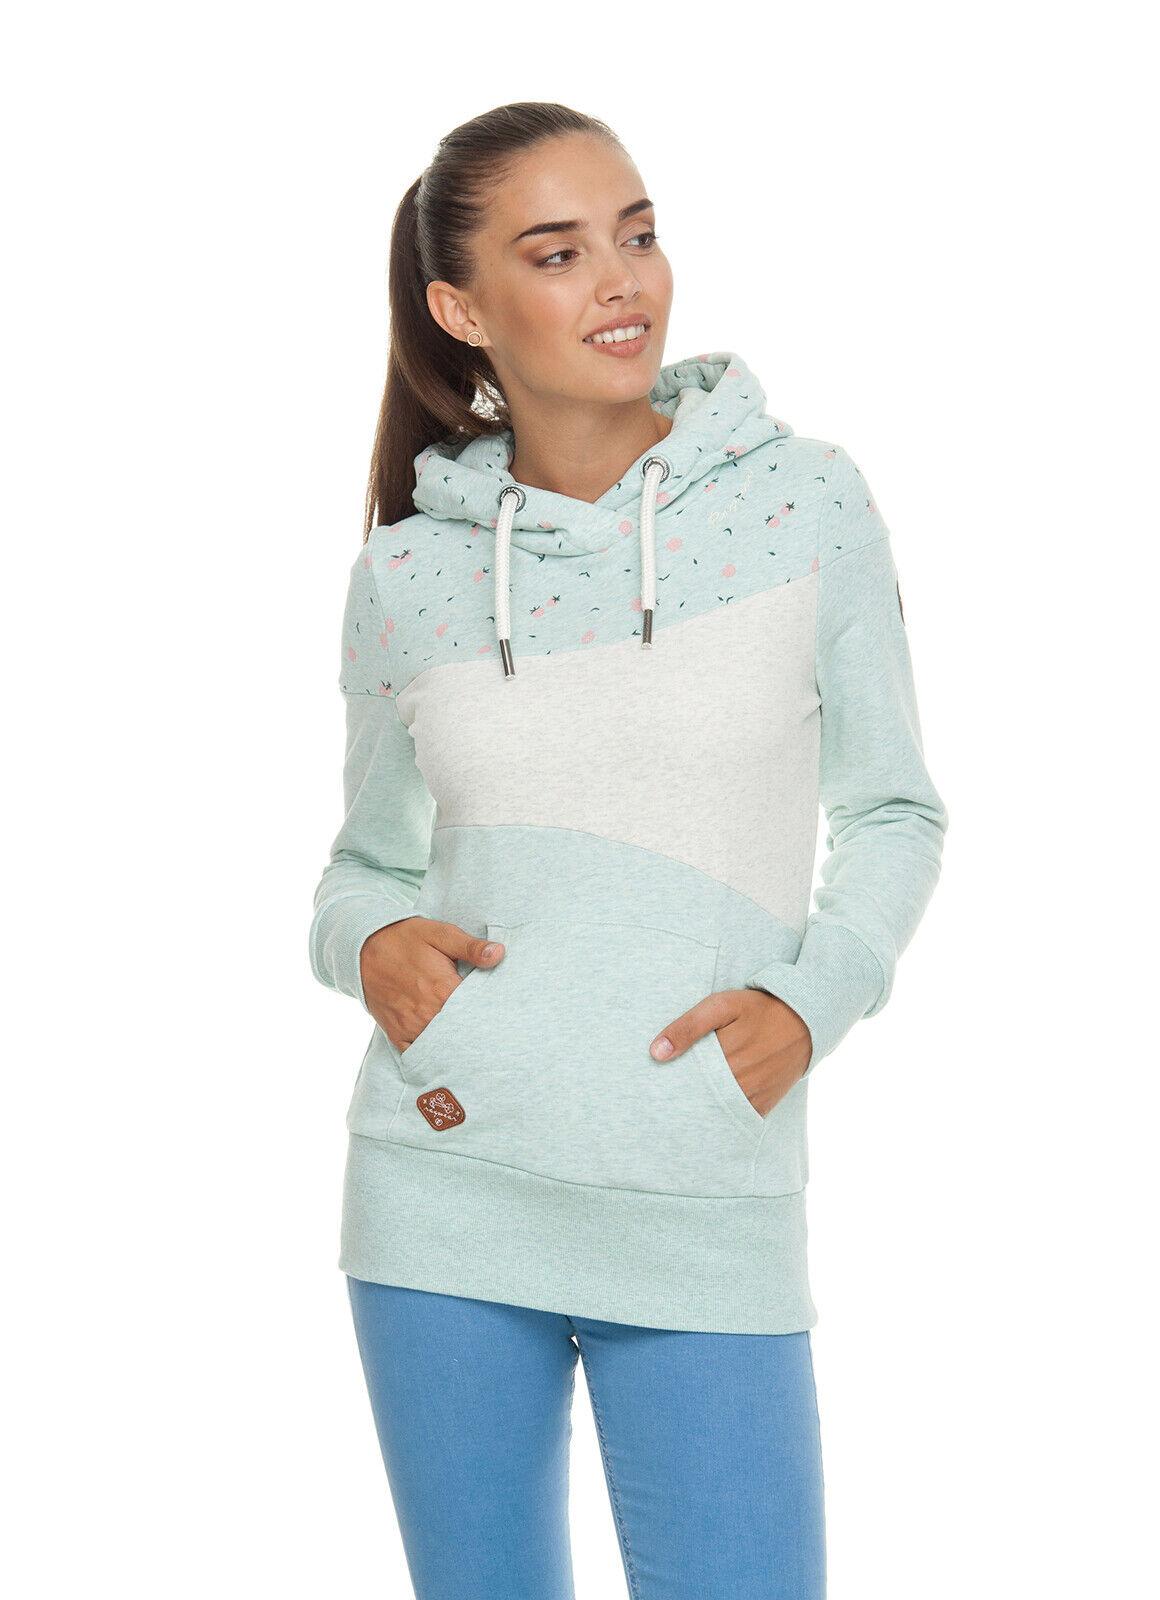 Ragwear Nuovo Collezione So 19 Sweatshirt Felpa con Cappuccio Tarsa Luminoso